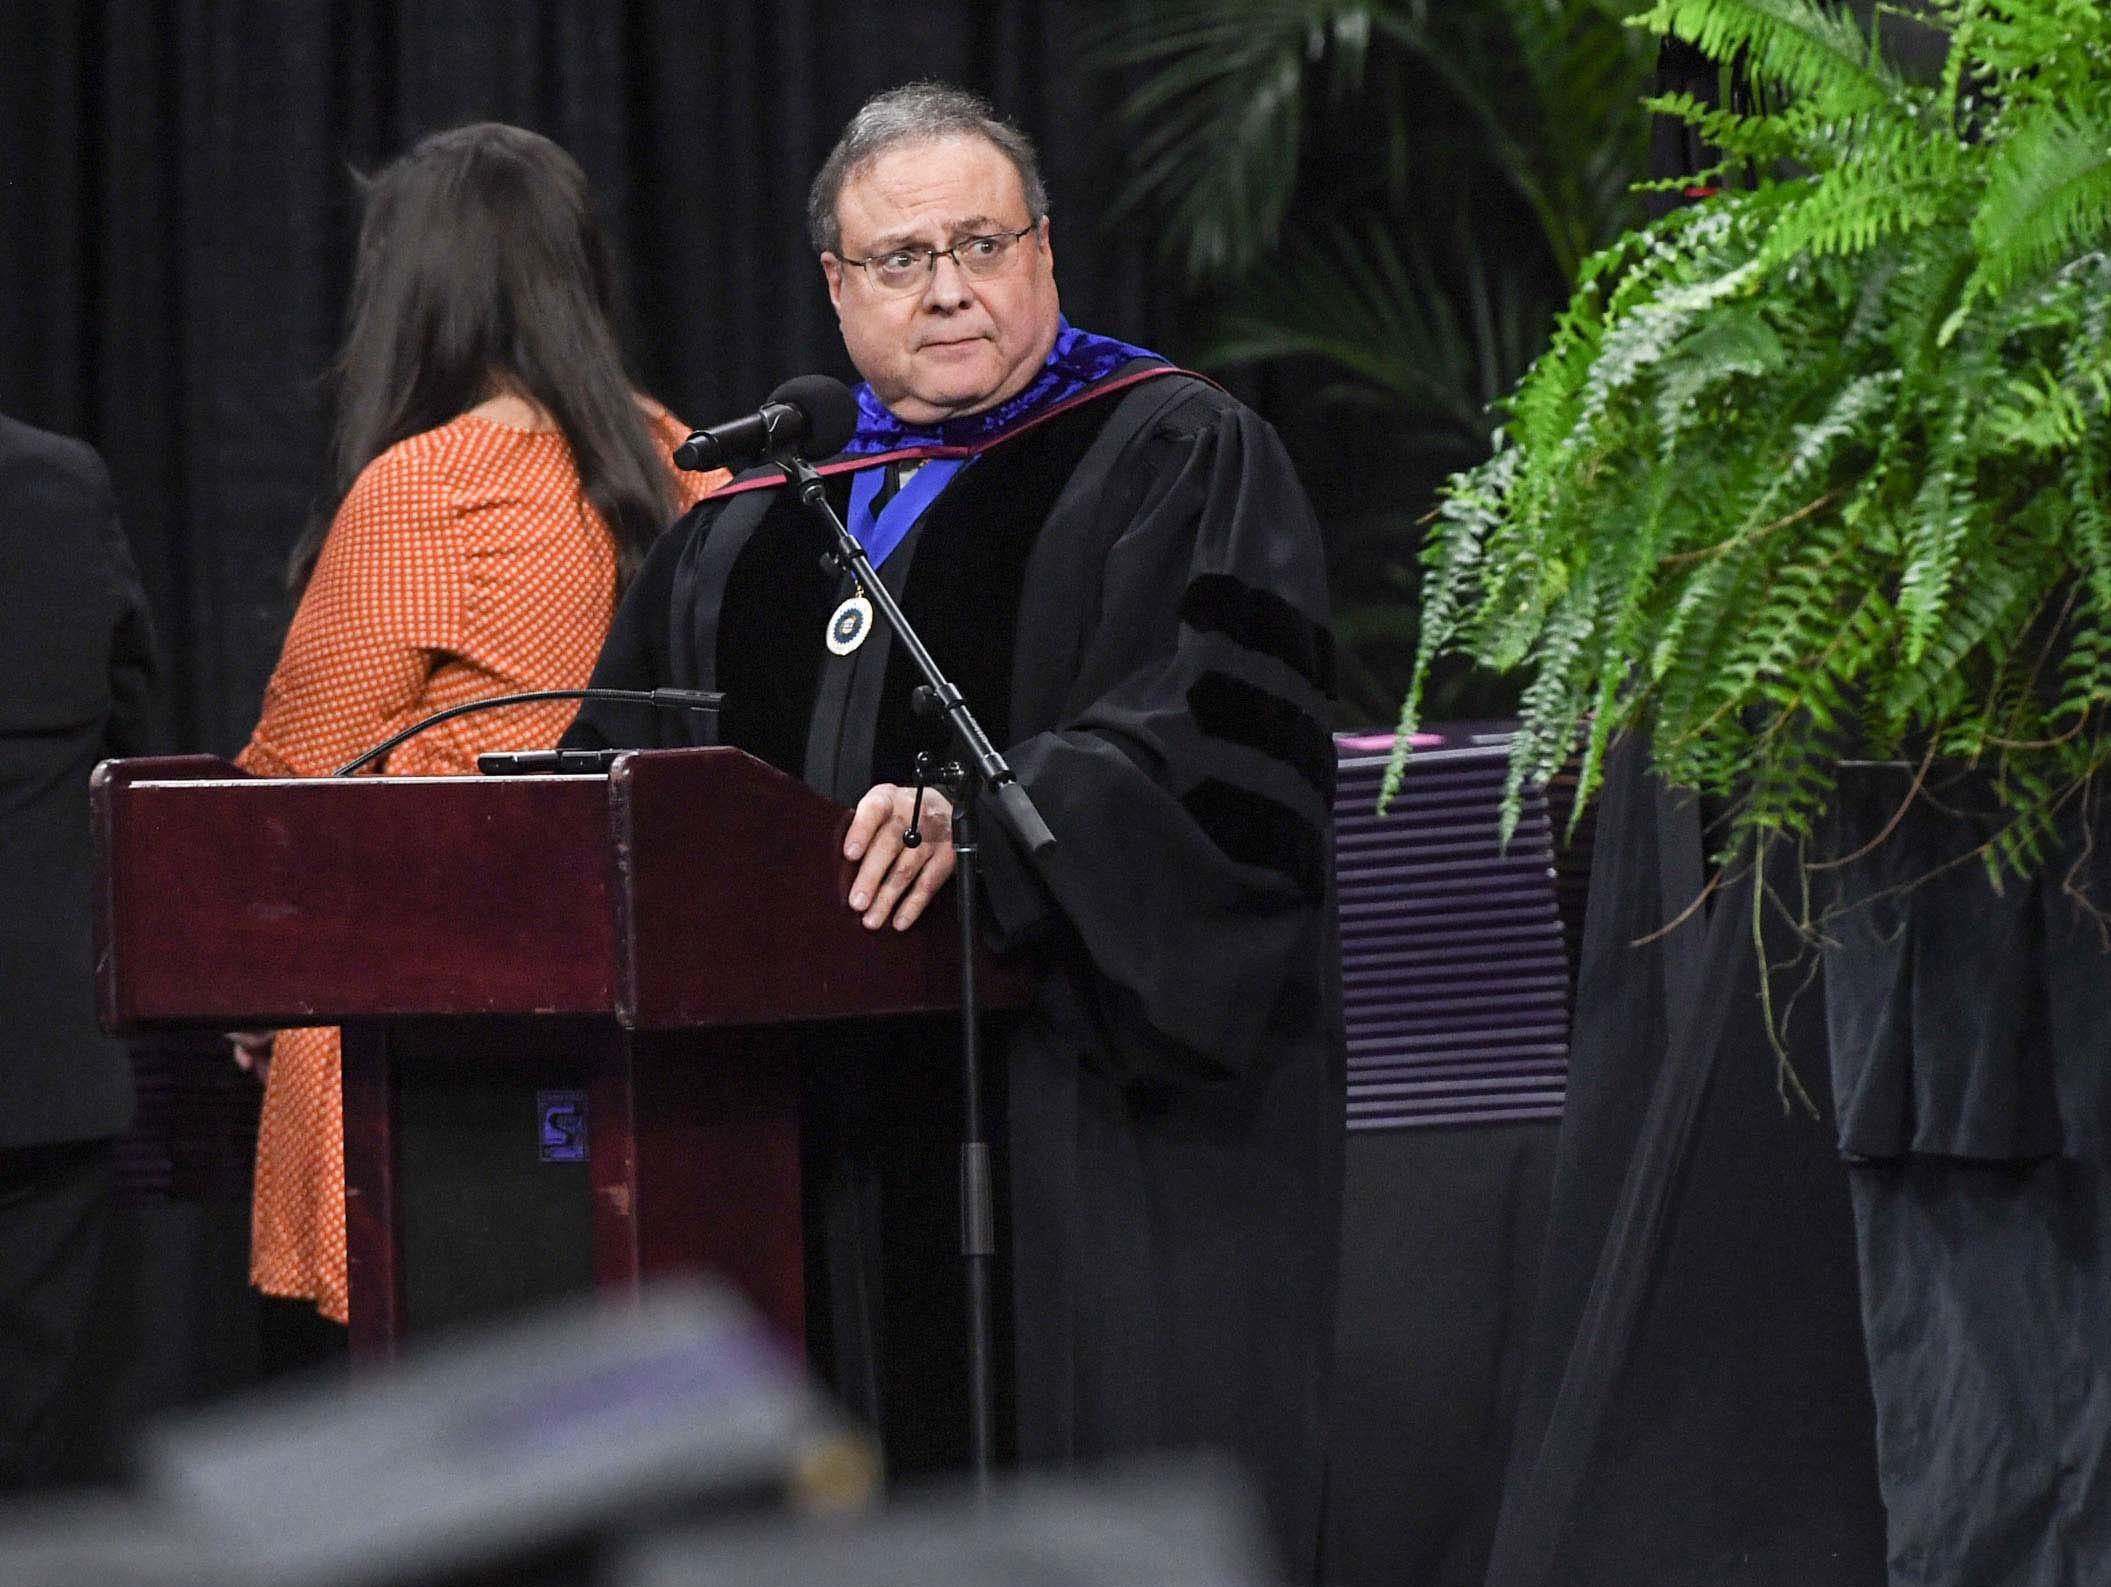 Peter Cohen reads names during Clemson University graduation ceremony Thursday morning in Littlejohn Coliseum in Clemson.